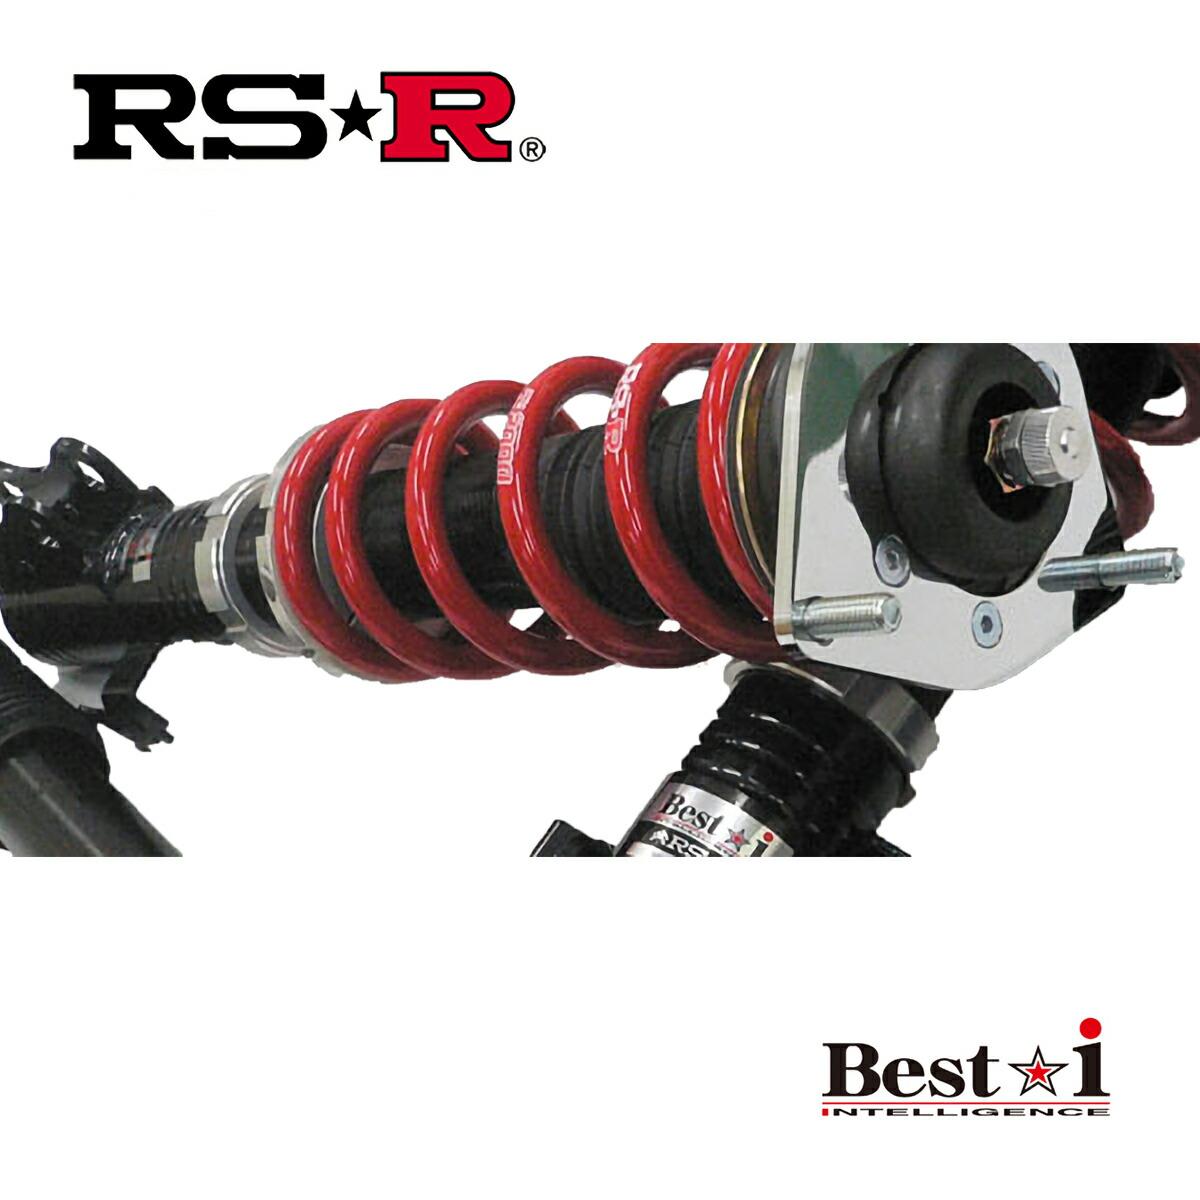 RS-R マツダ3 ファストバック BP5P 15S 車高調 リア車高調整: ネジ式 BIM150M ベストi RSR 個人宅発送追金有